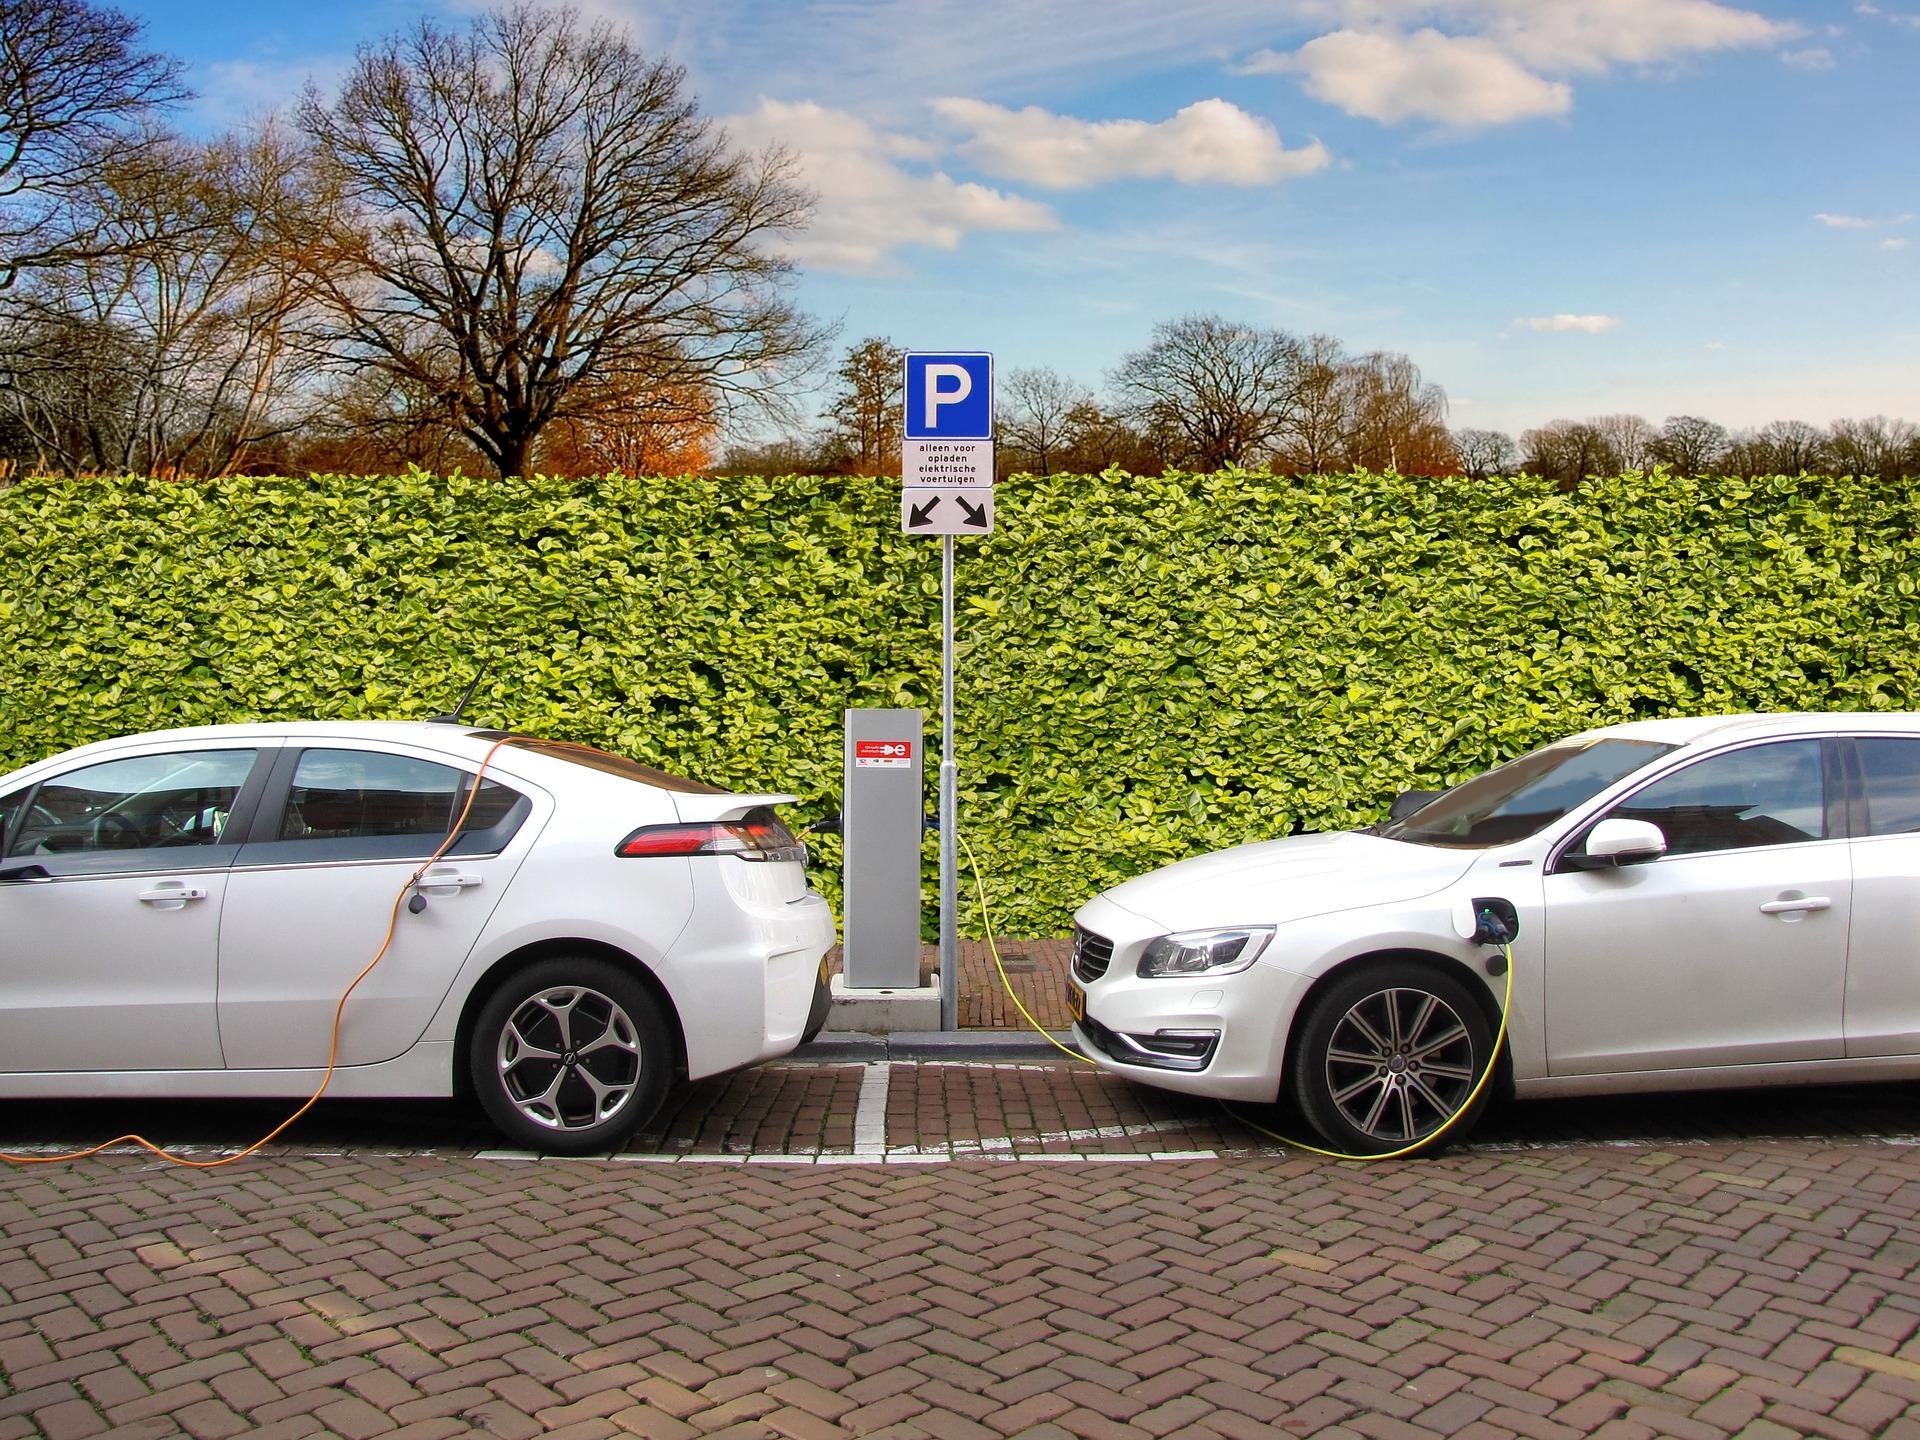 Klimaatakkoord Subsidie Van 6 000 Euro Voor Elektrische Auto